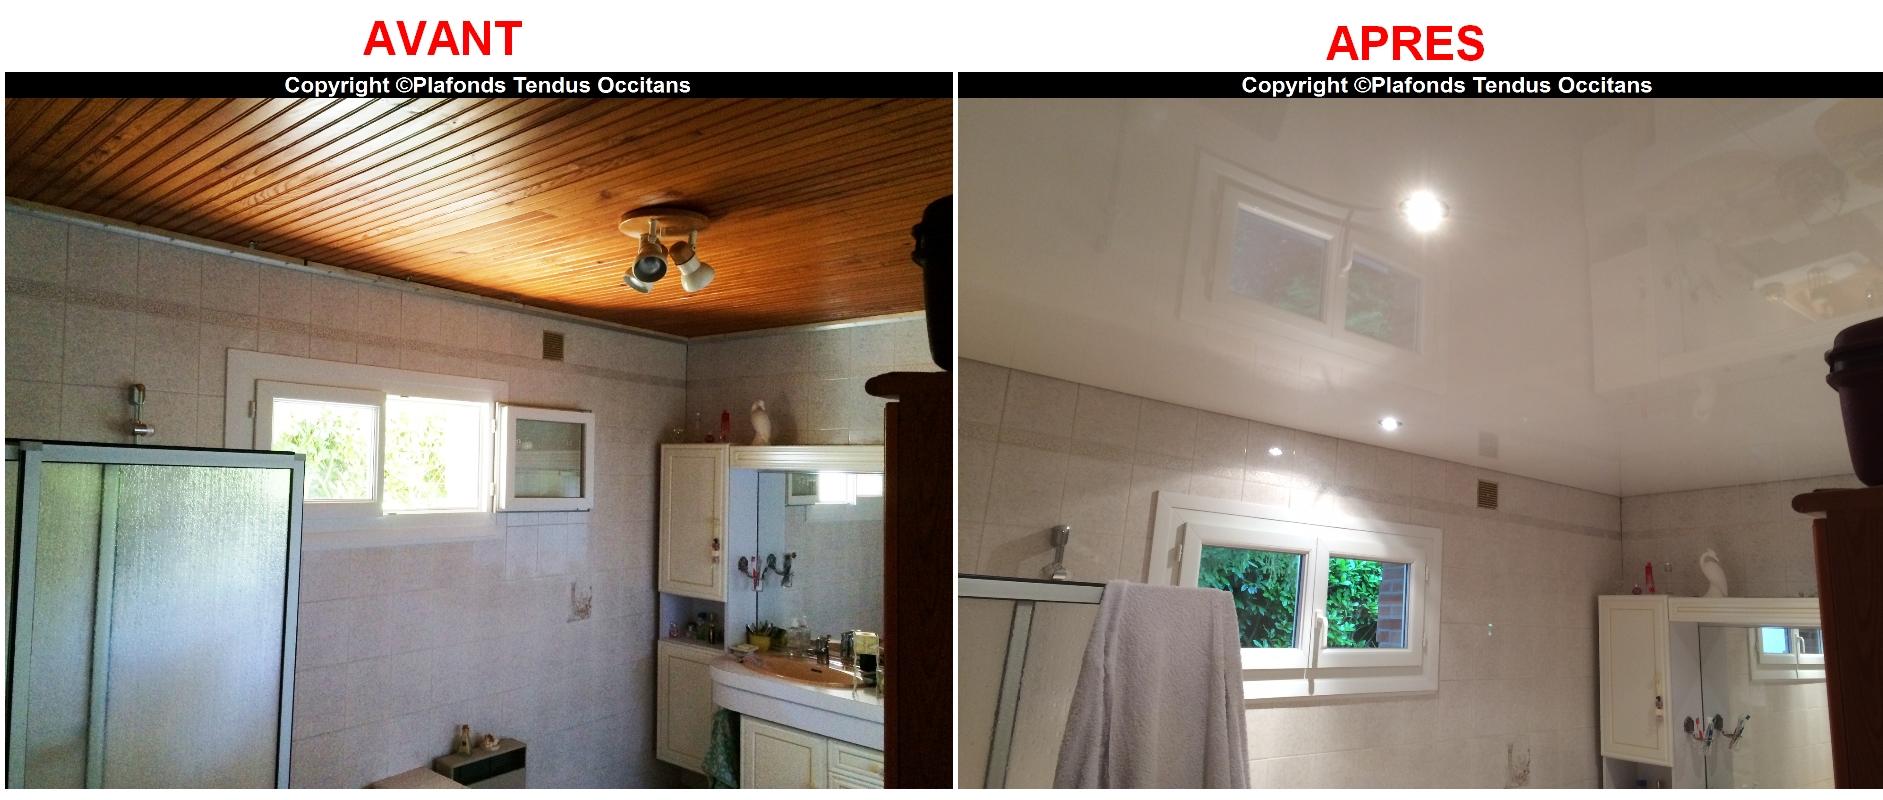 plafond en lambris affordable lambris plafond en pvc with plafond en lambris latest faire un. Black Bedroom Furniture Sets. Home Design Ideas